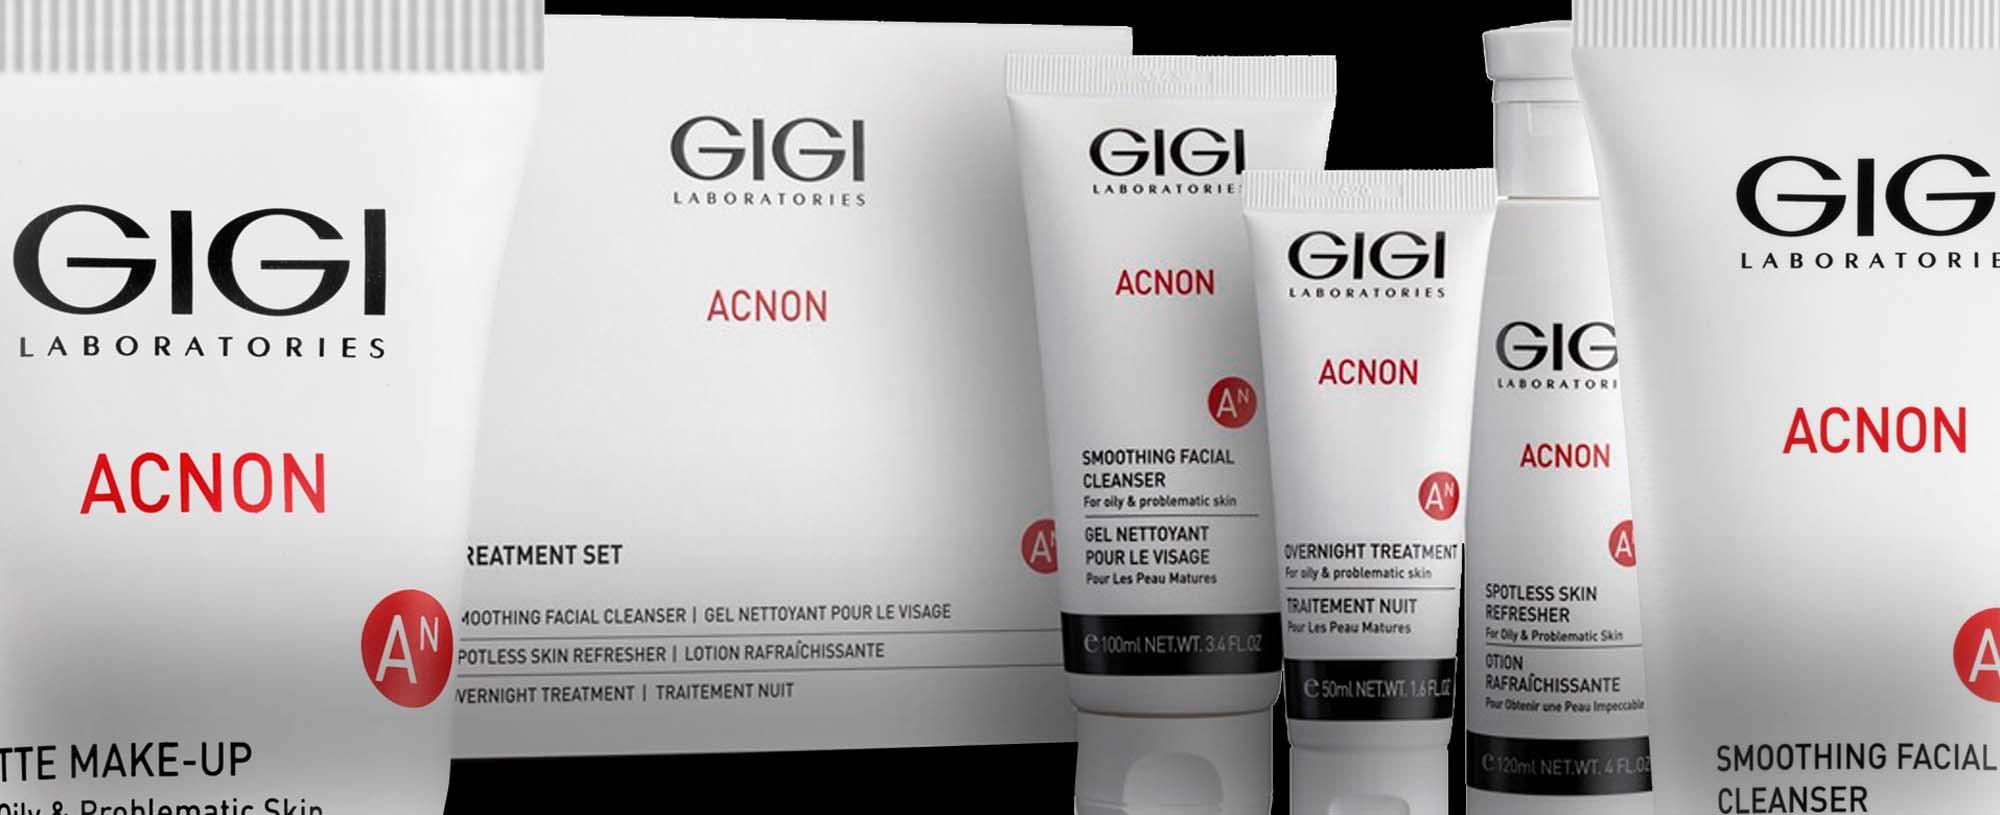 חברת הקוסמטיקה GIGI השיקה את הסידרה הטיפולית החדשה בתחום הקוסמטיקה המקצועית לטיפול באקנה